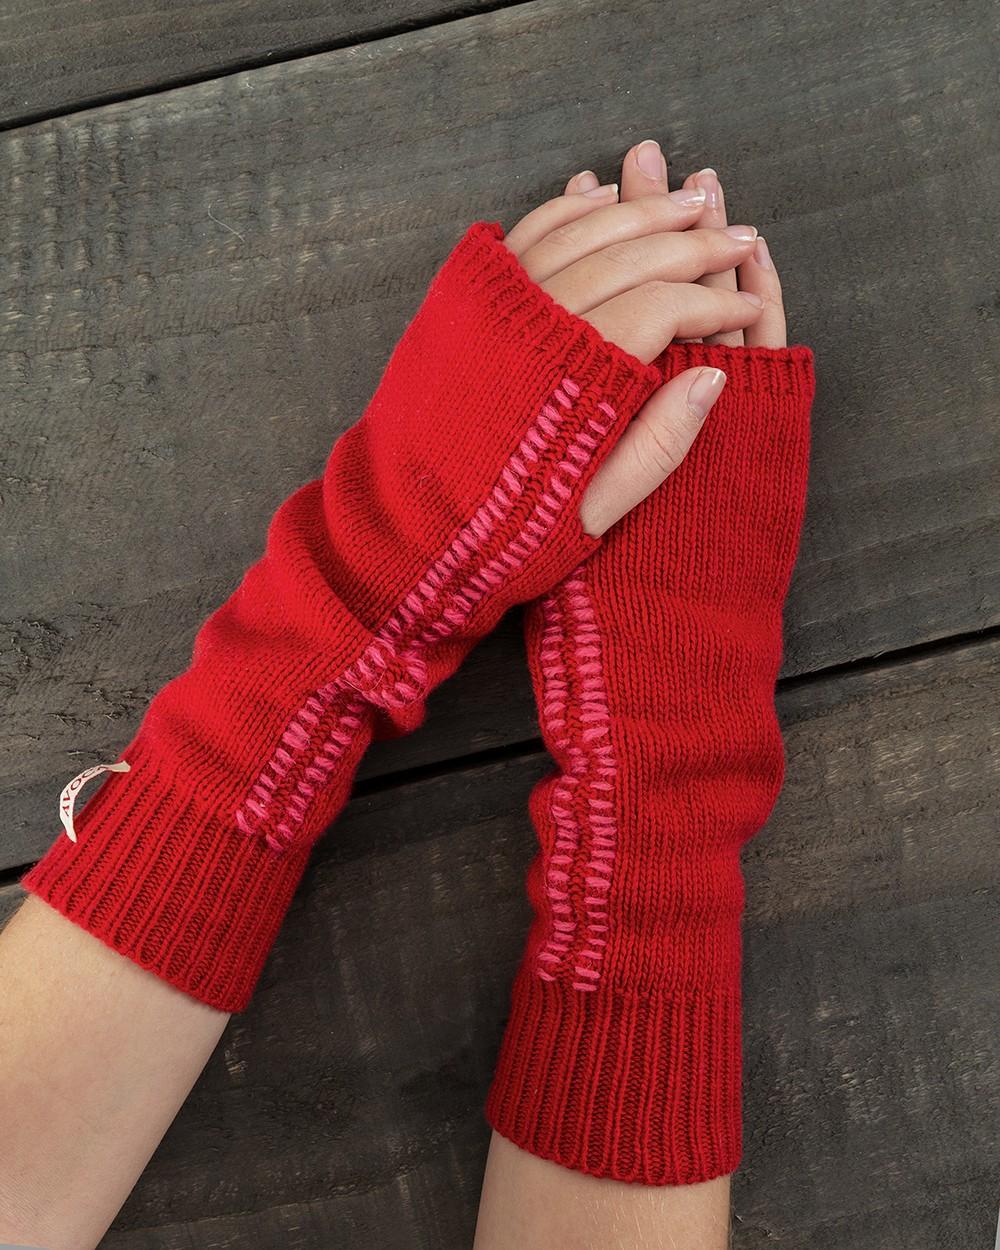 Blanket Stitch Cuffs in Red